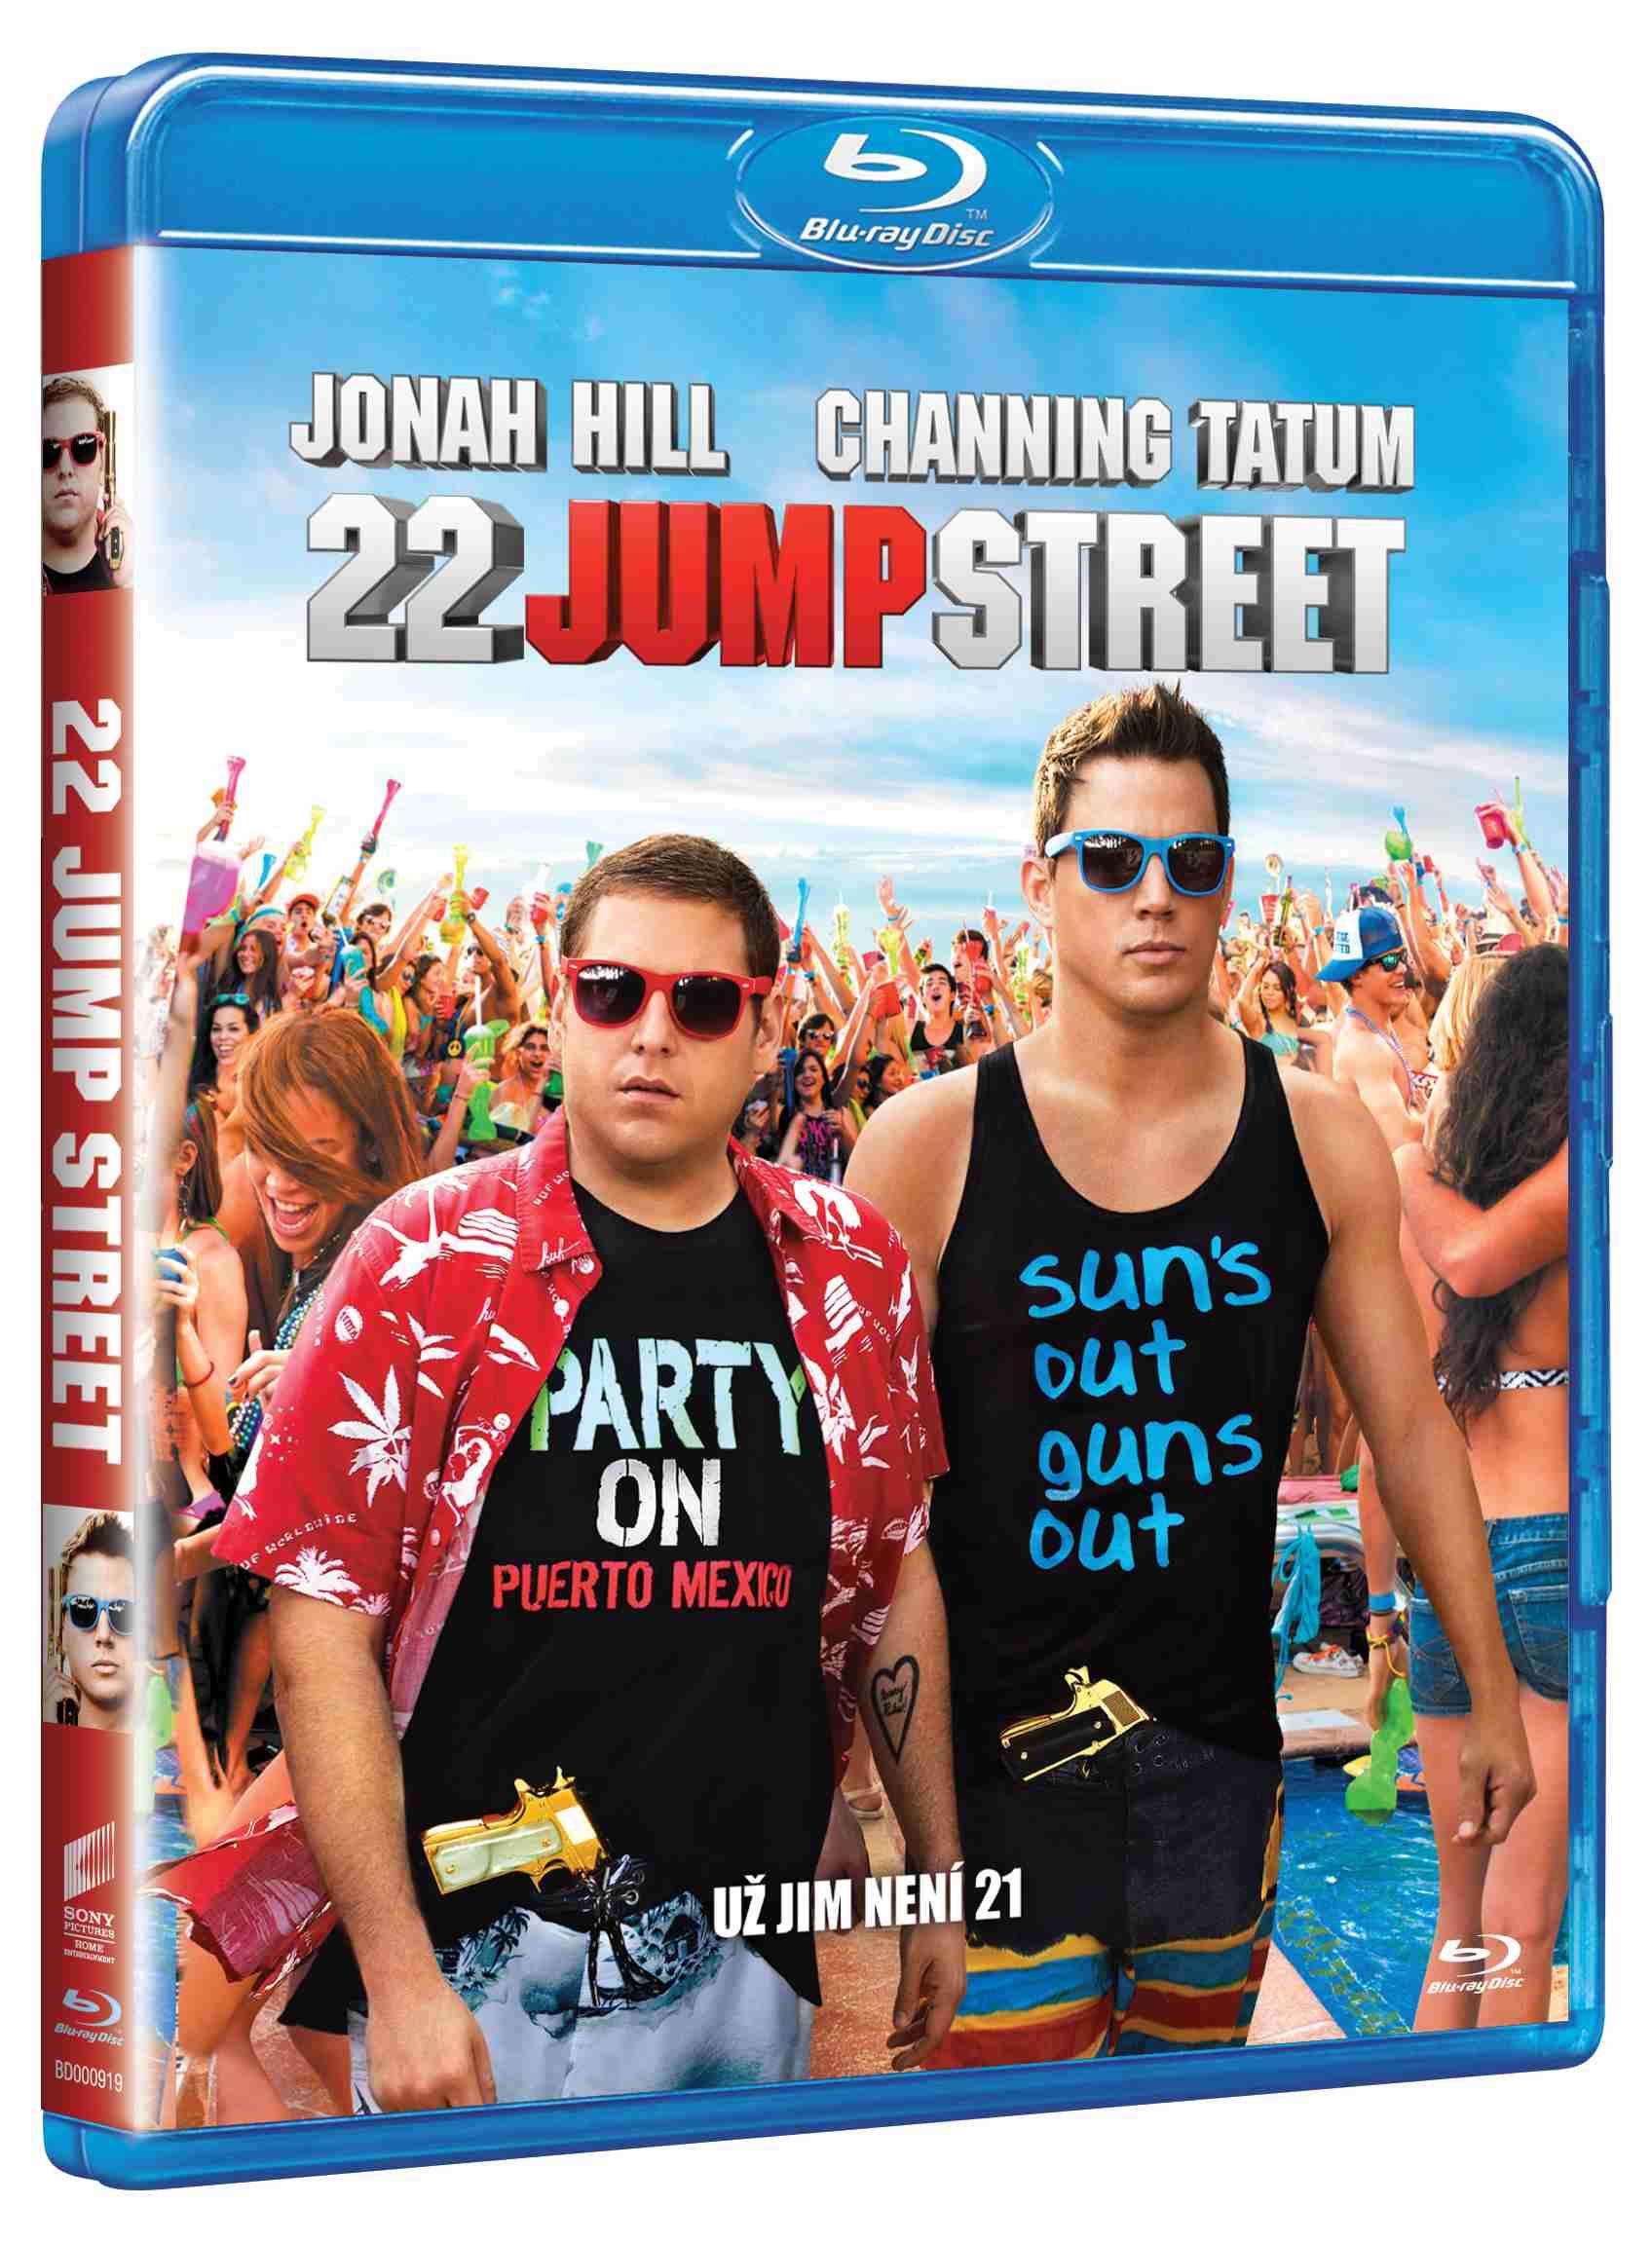 22 JUMP STREET - Blu-ray